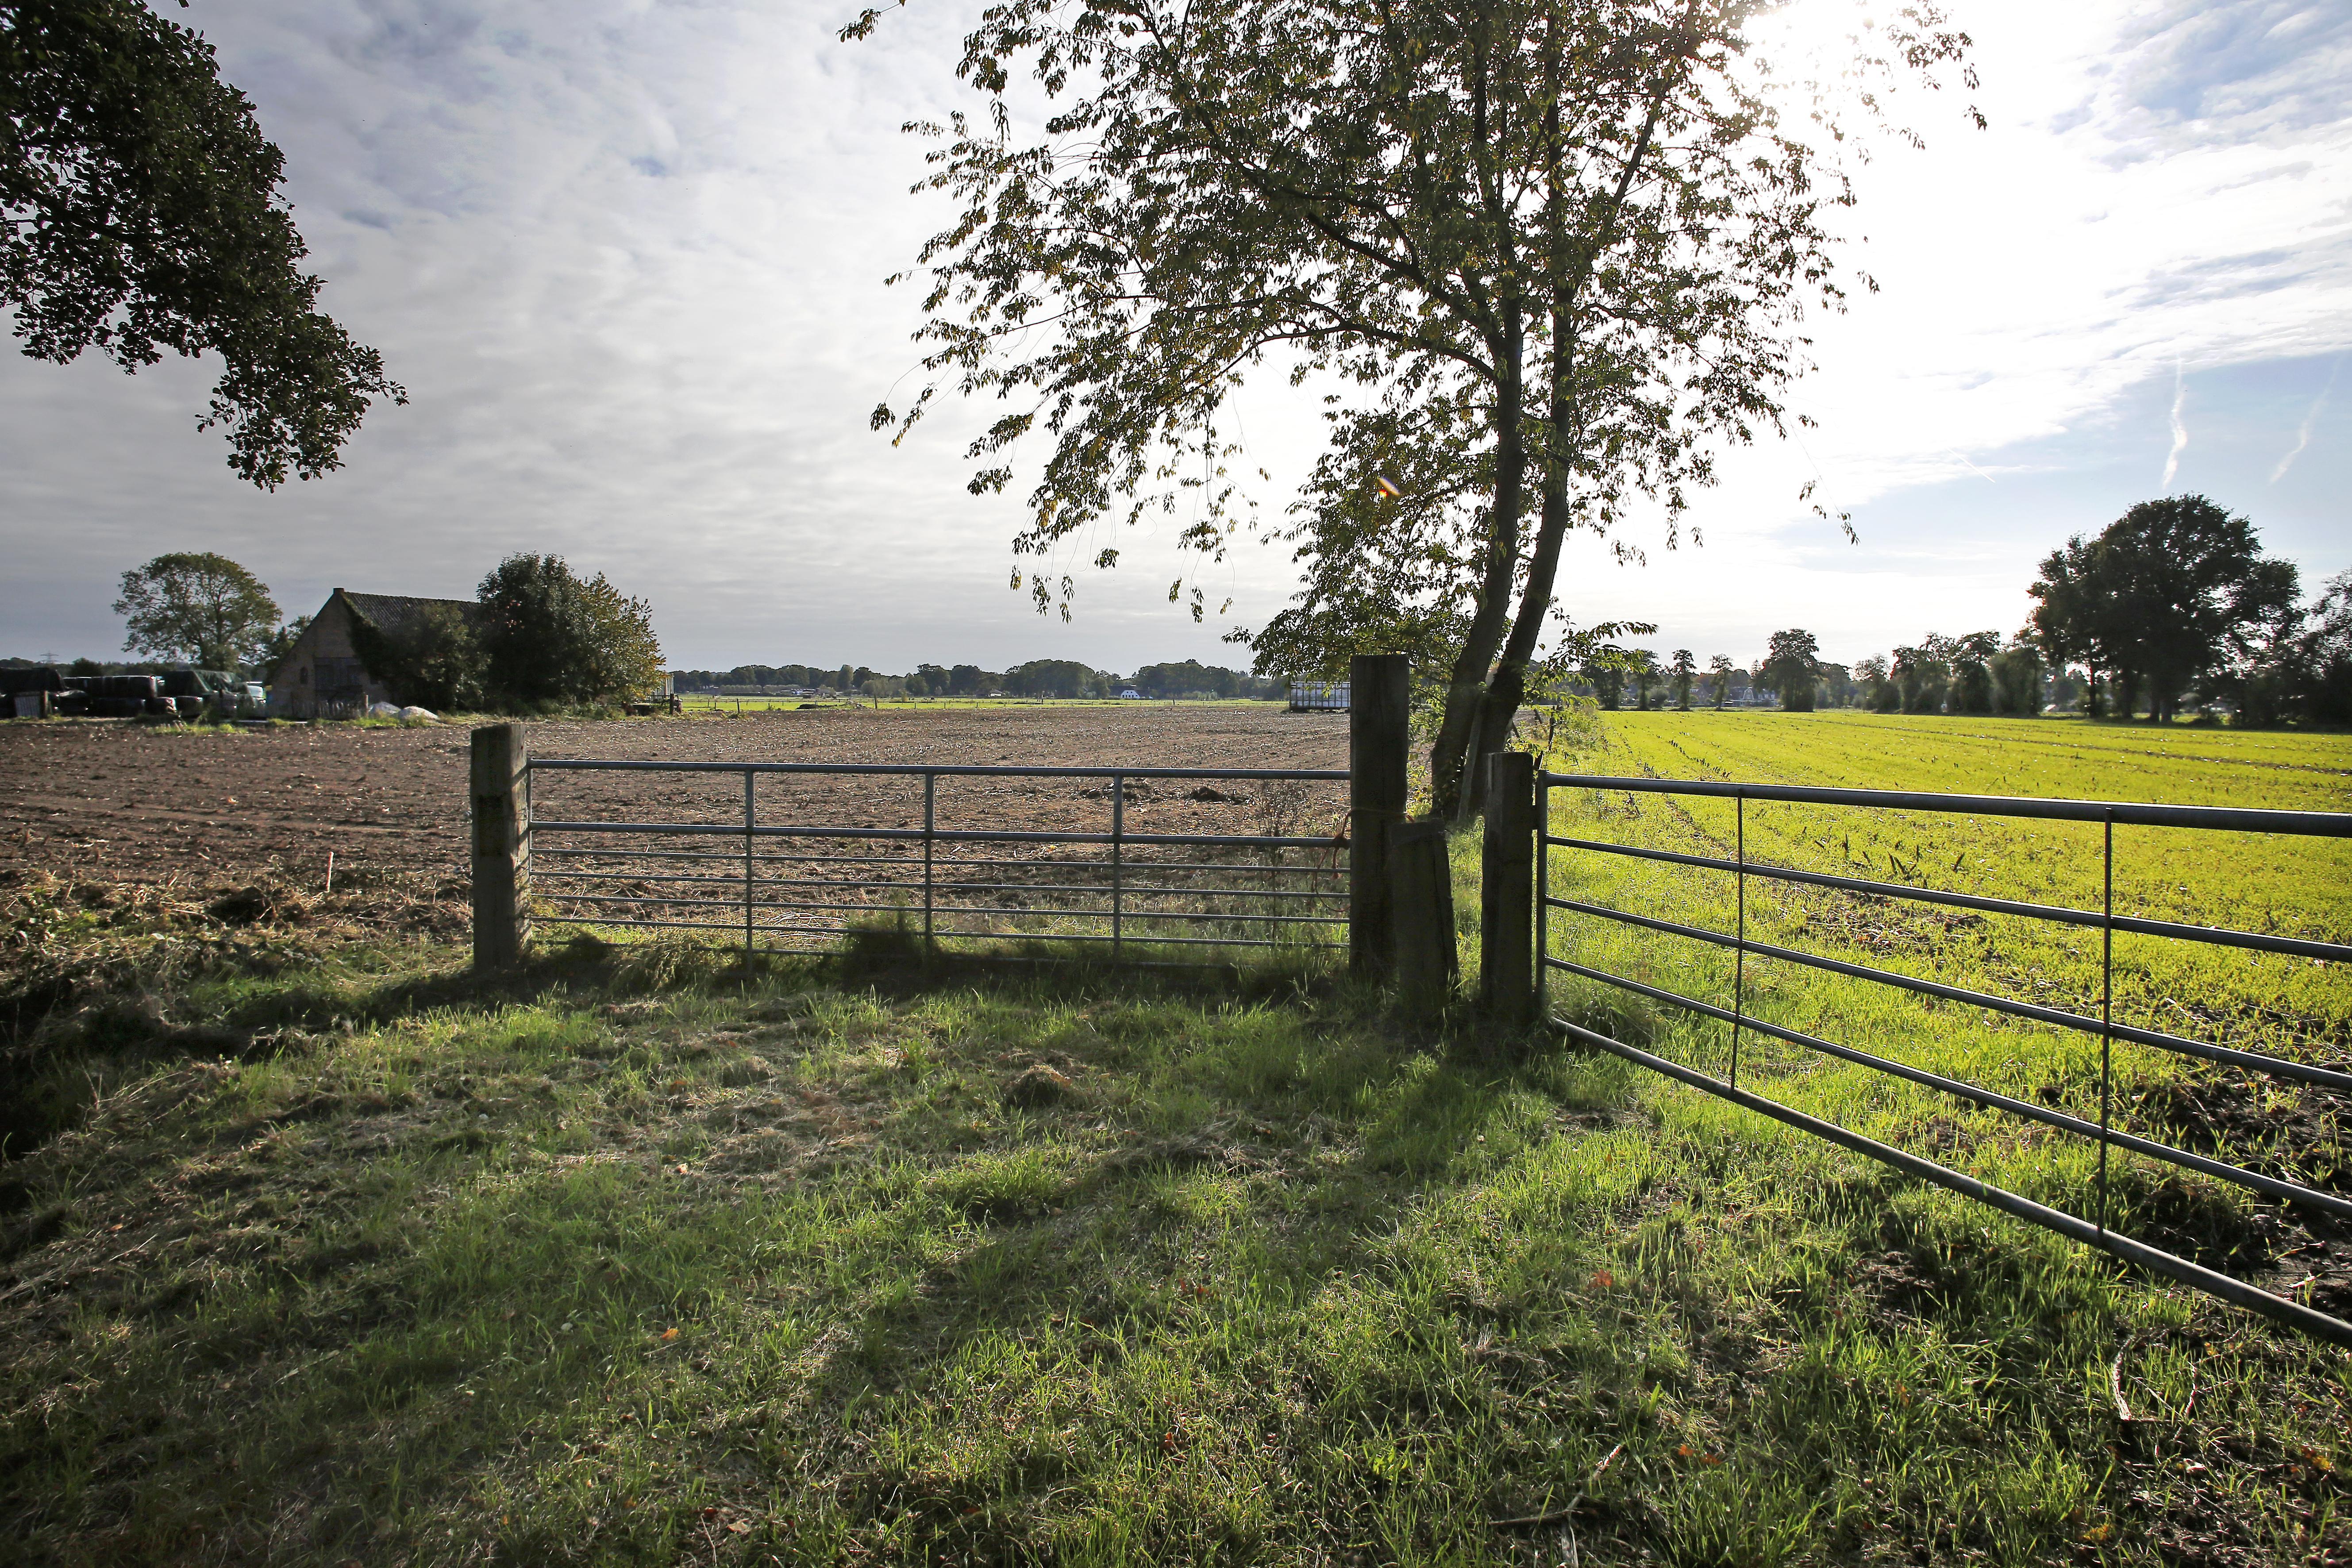 Soest hakt de knoop door: echt geen nieuwe boerderij aan de Peter van den Breemerweg voor Van Dorresteijn; In november ongetwijfeld weer stevige discussie in de gemeenteraad